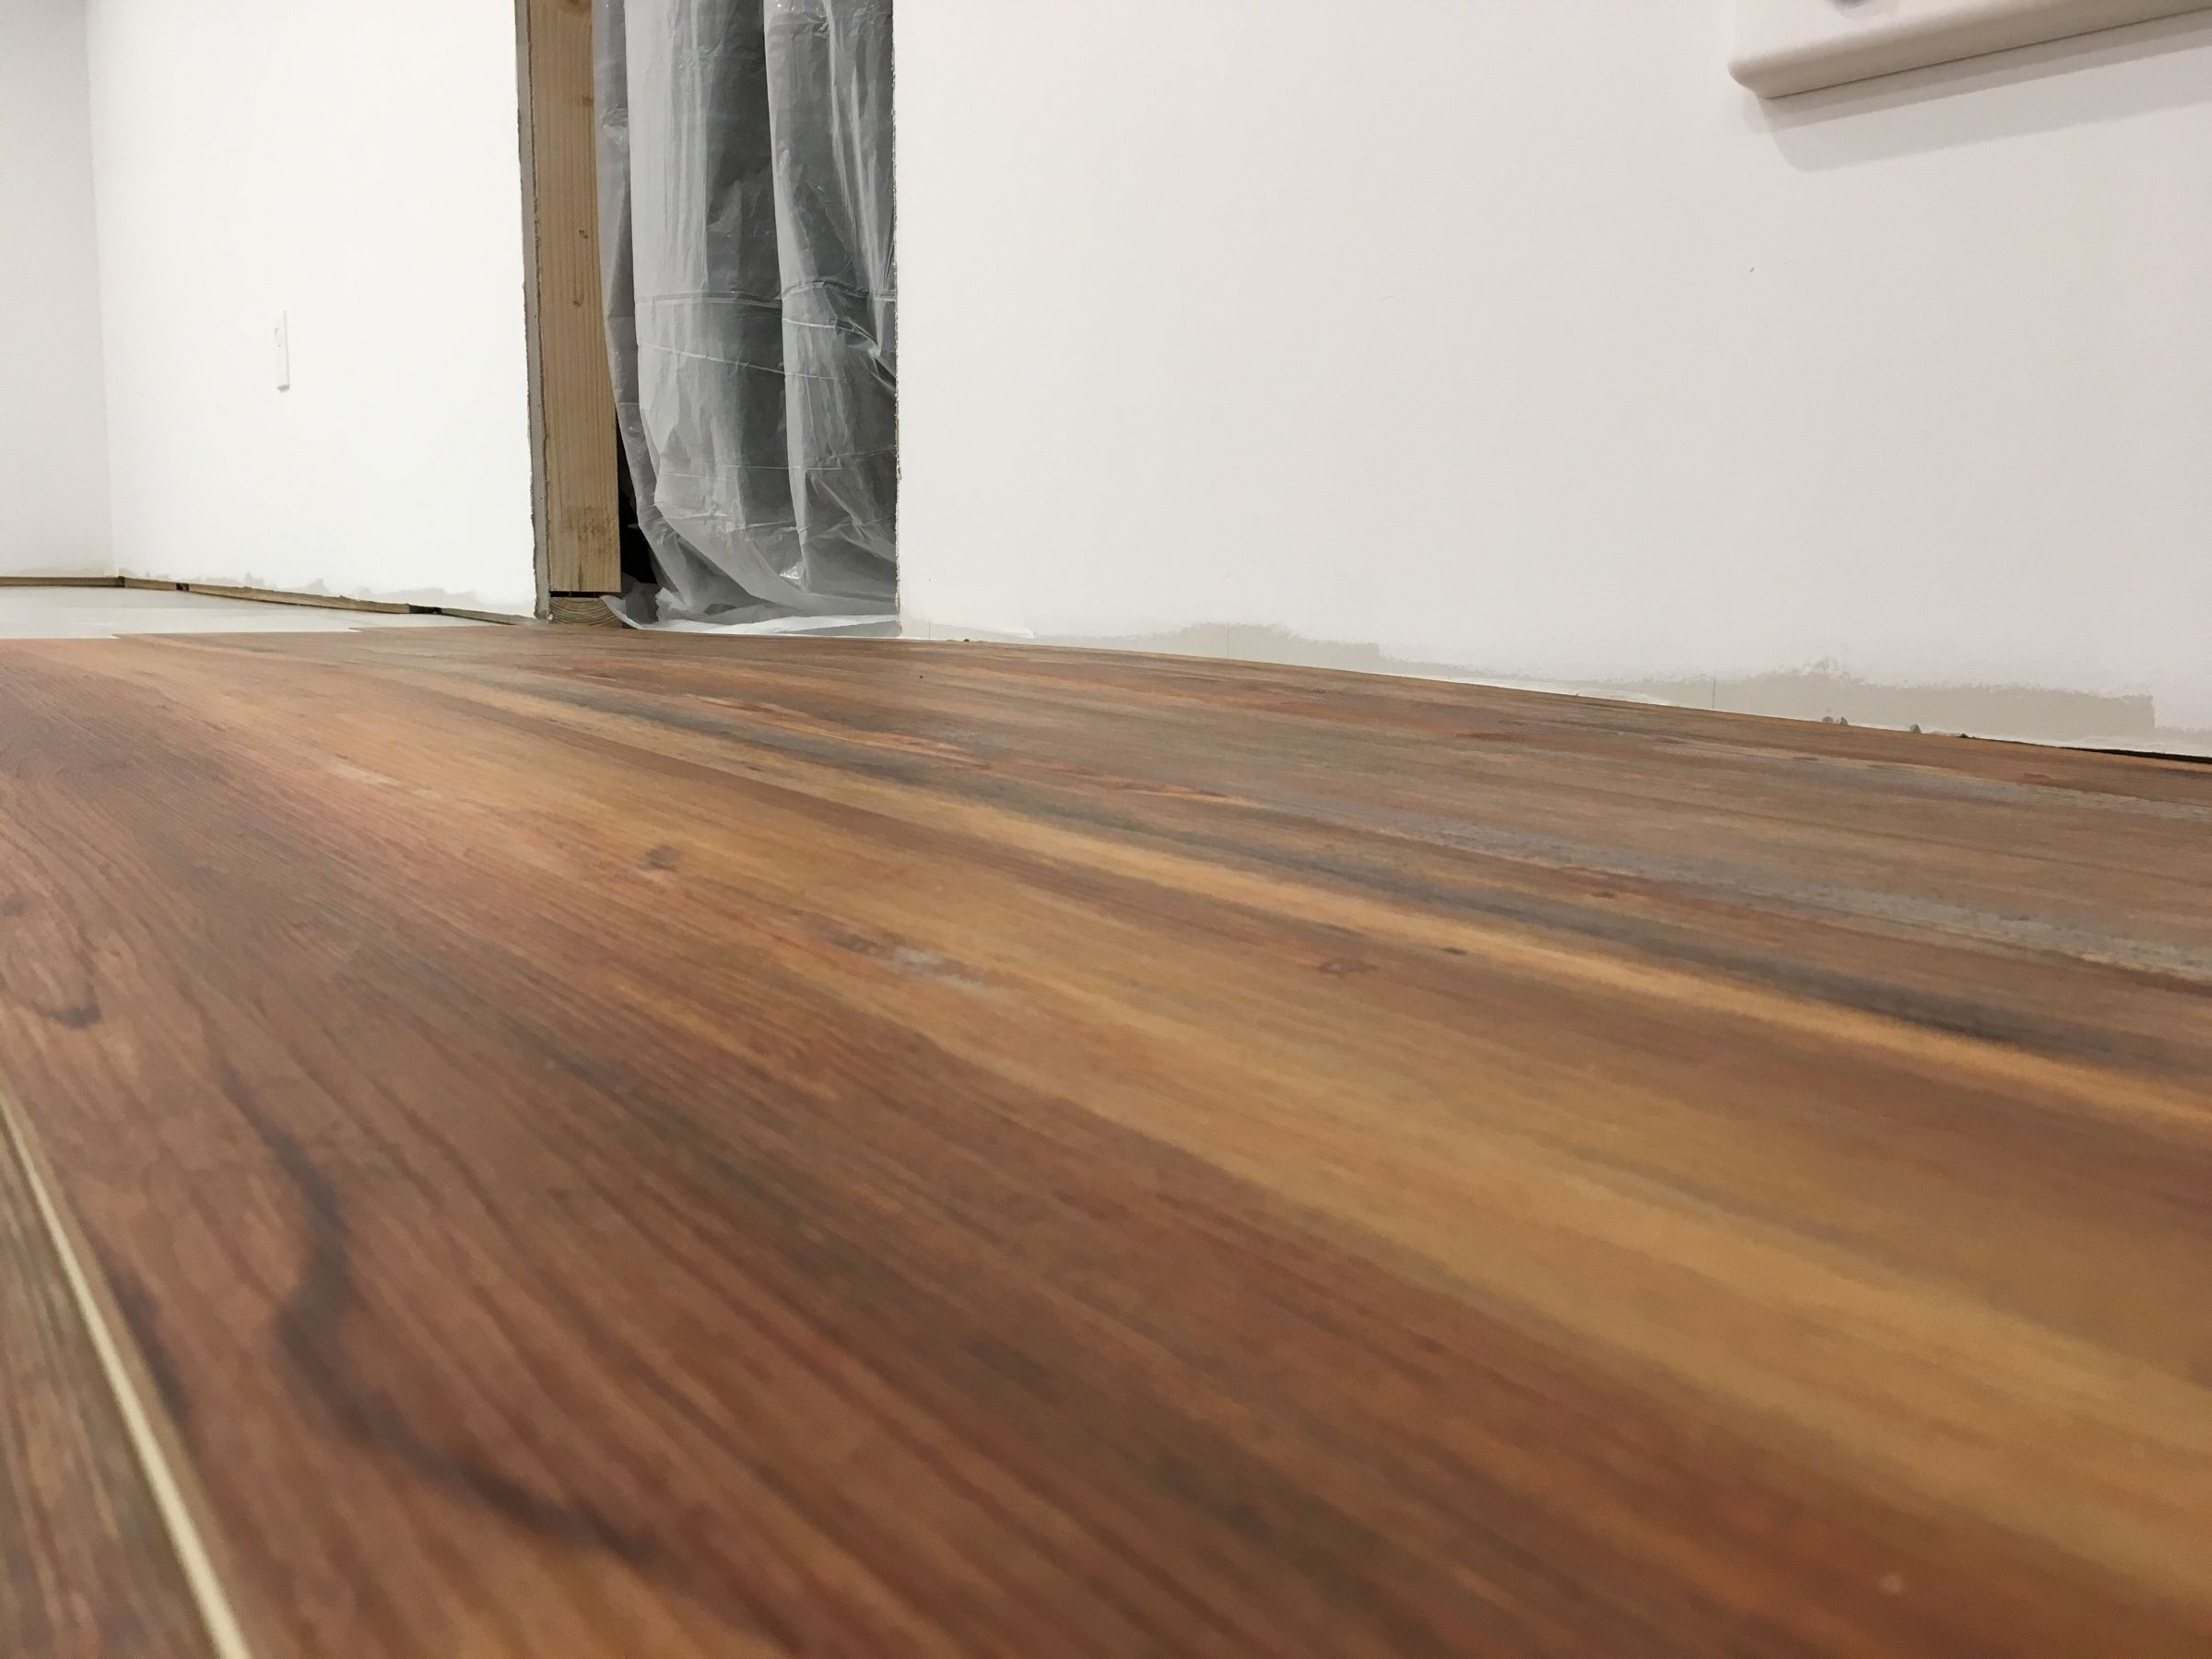 LVP on uneven basement floor?-img_2380.jpg